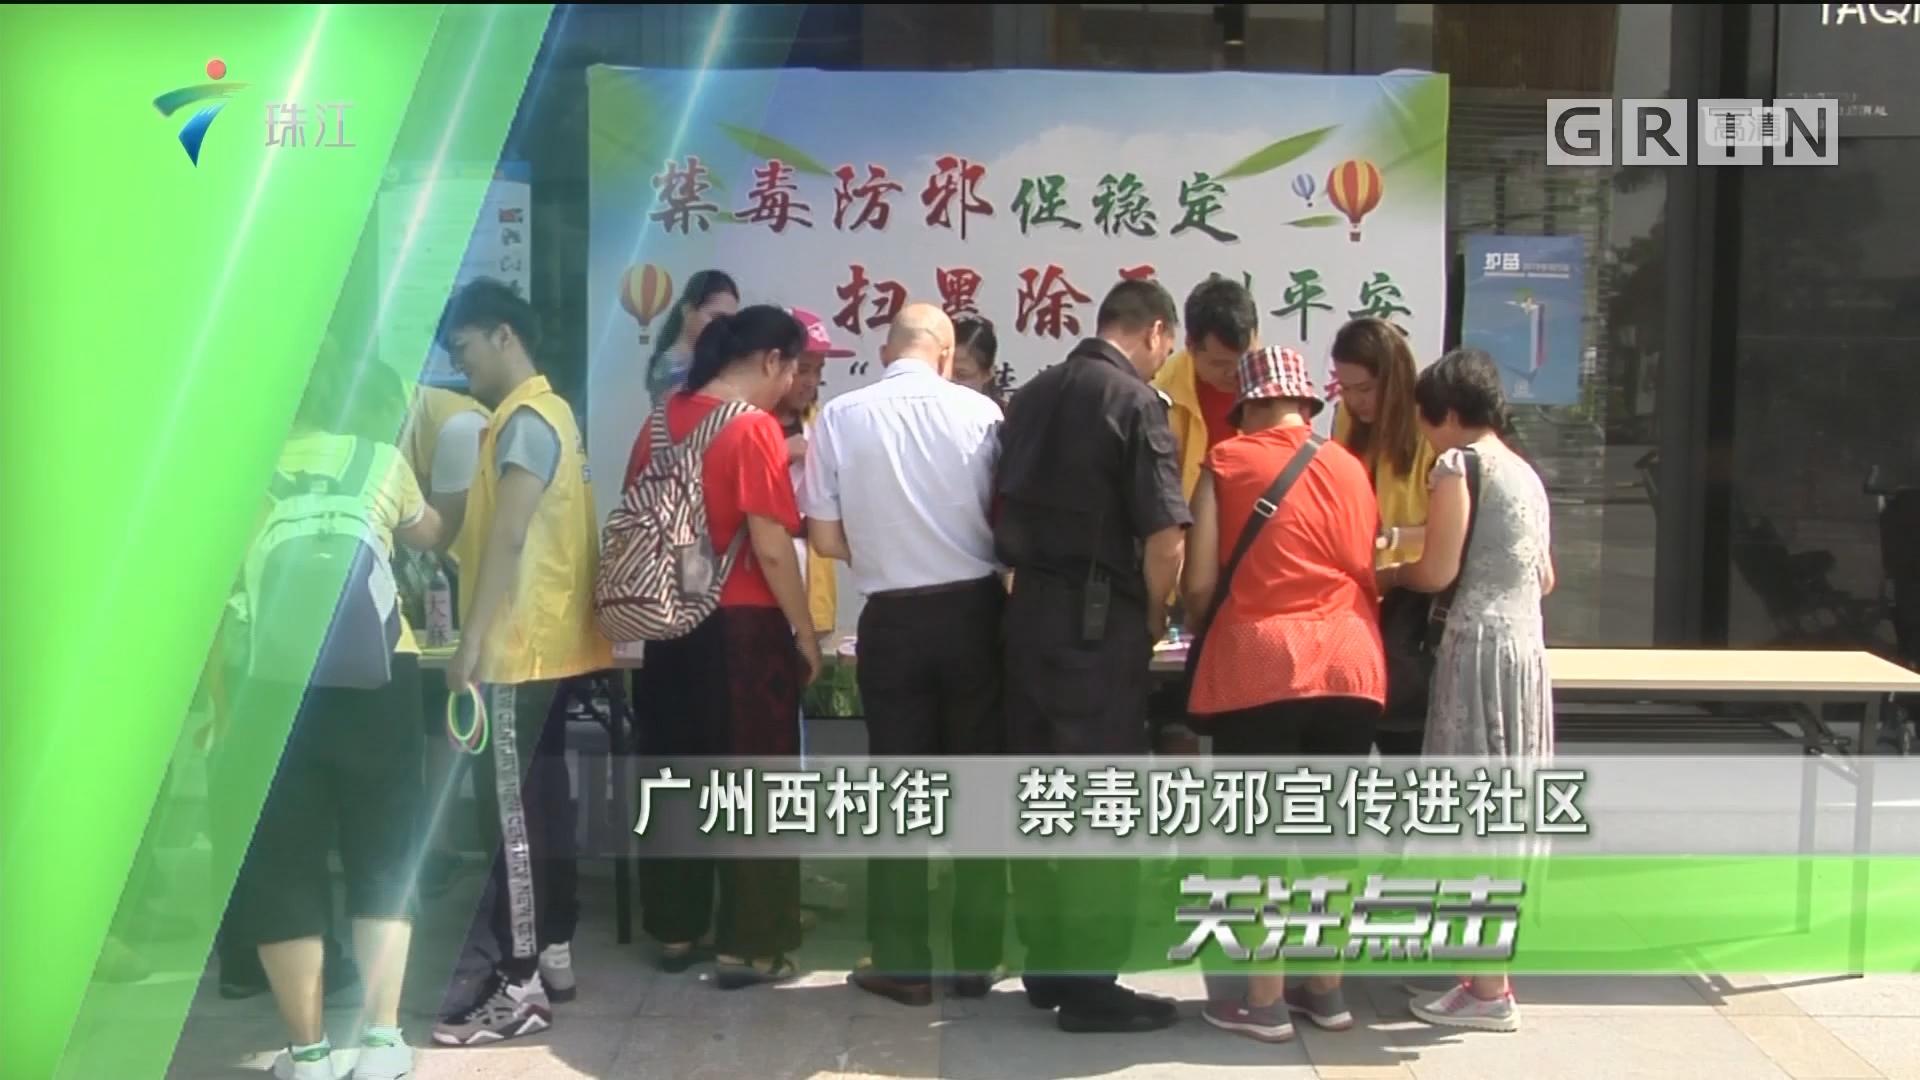 广州西村街 禁毒防邪宣传进社区